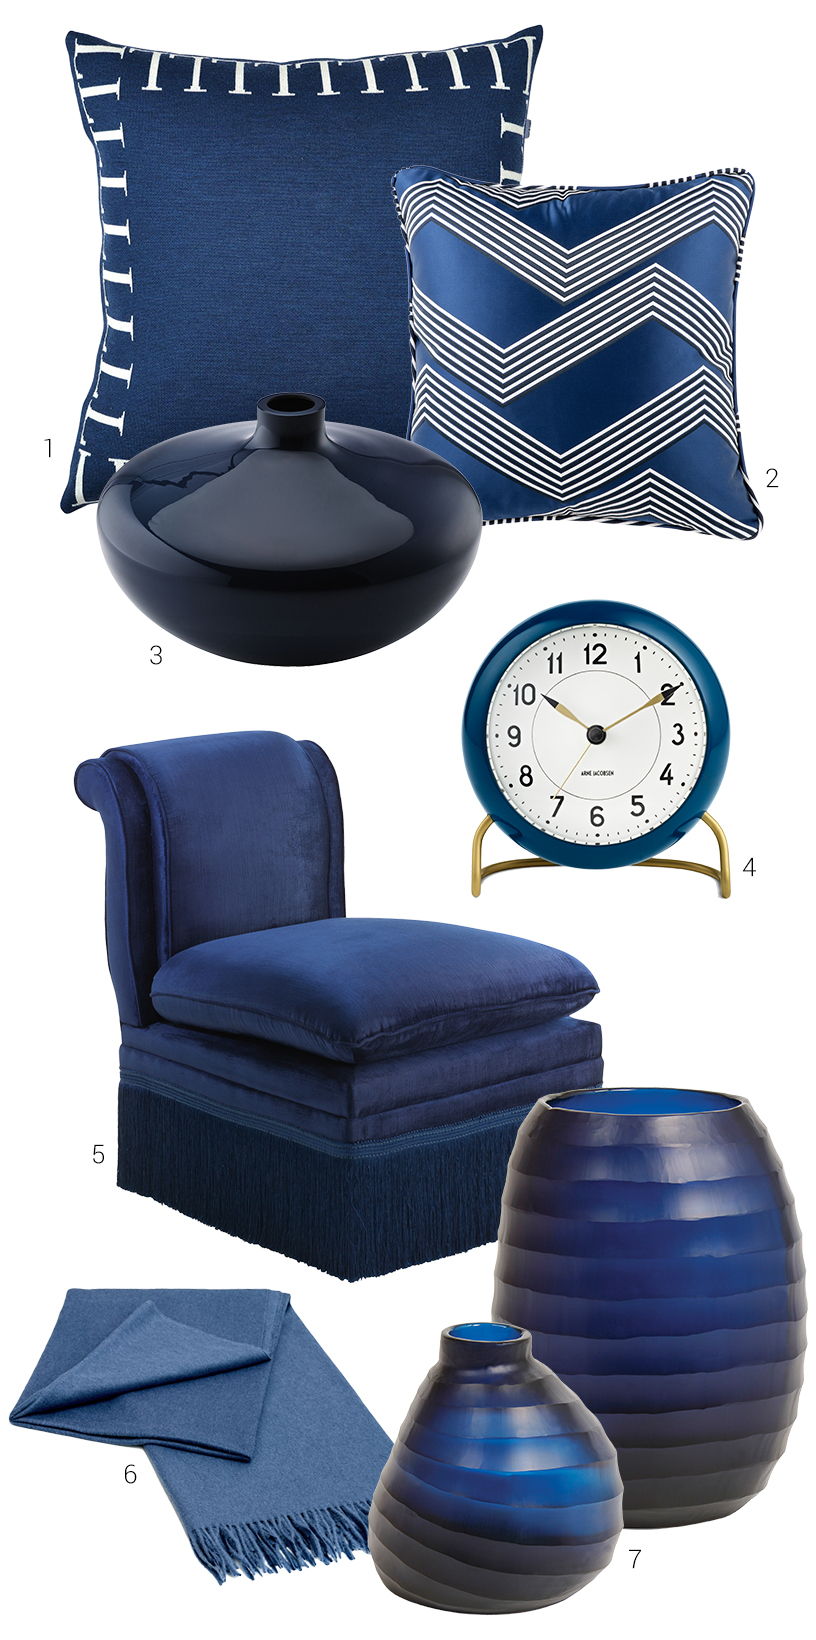 Lenz & Leif-Eichholtz-Rosenthal-Elvang-Guaxs-Blau-Ambiente-Farbe-01